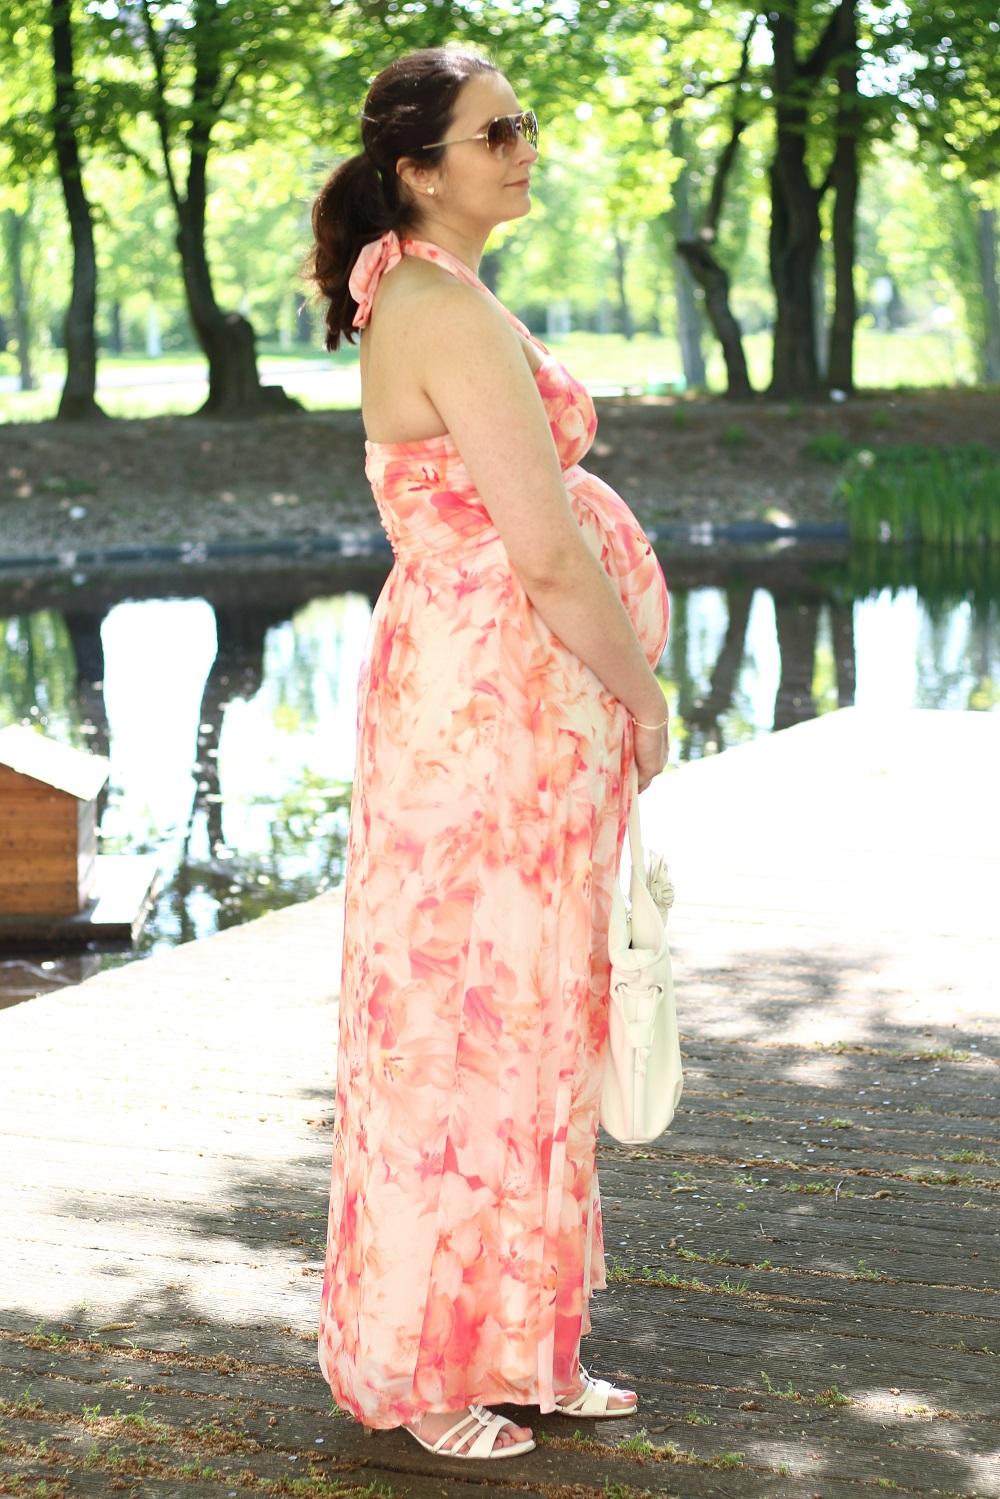 Schwangerschaftsoutfit - Maxikleid im Frühling - 27. SSW